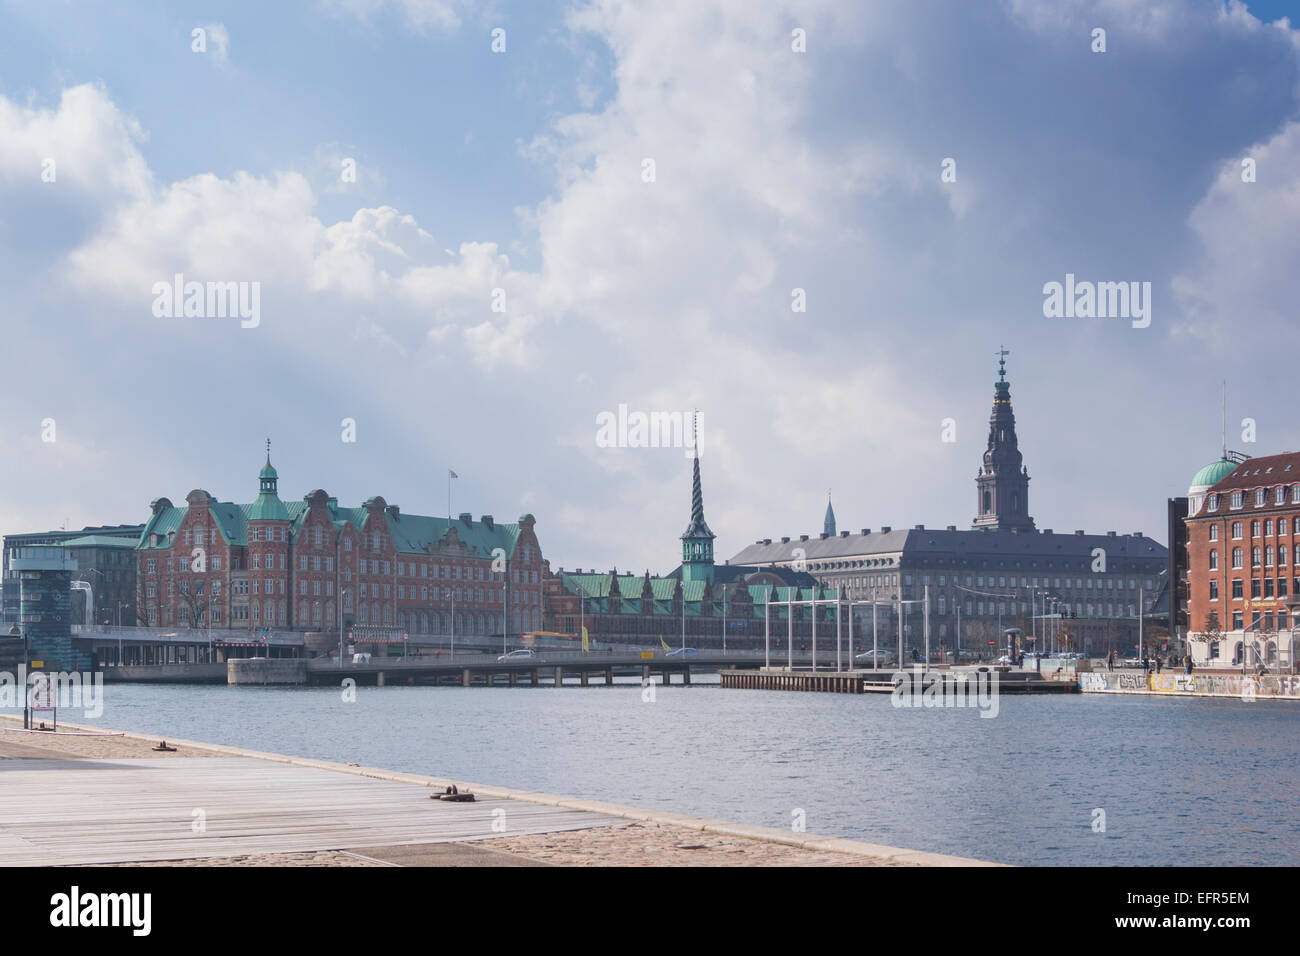 Copenhagen skyline viewed from Christianshavn. Denmark Stock Photo